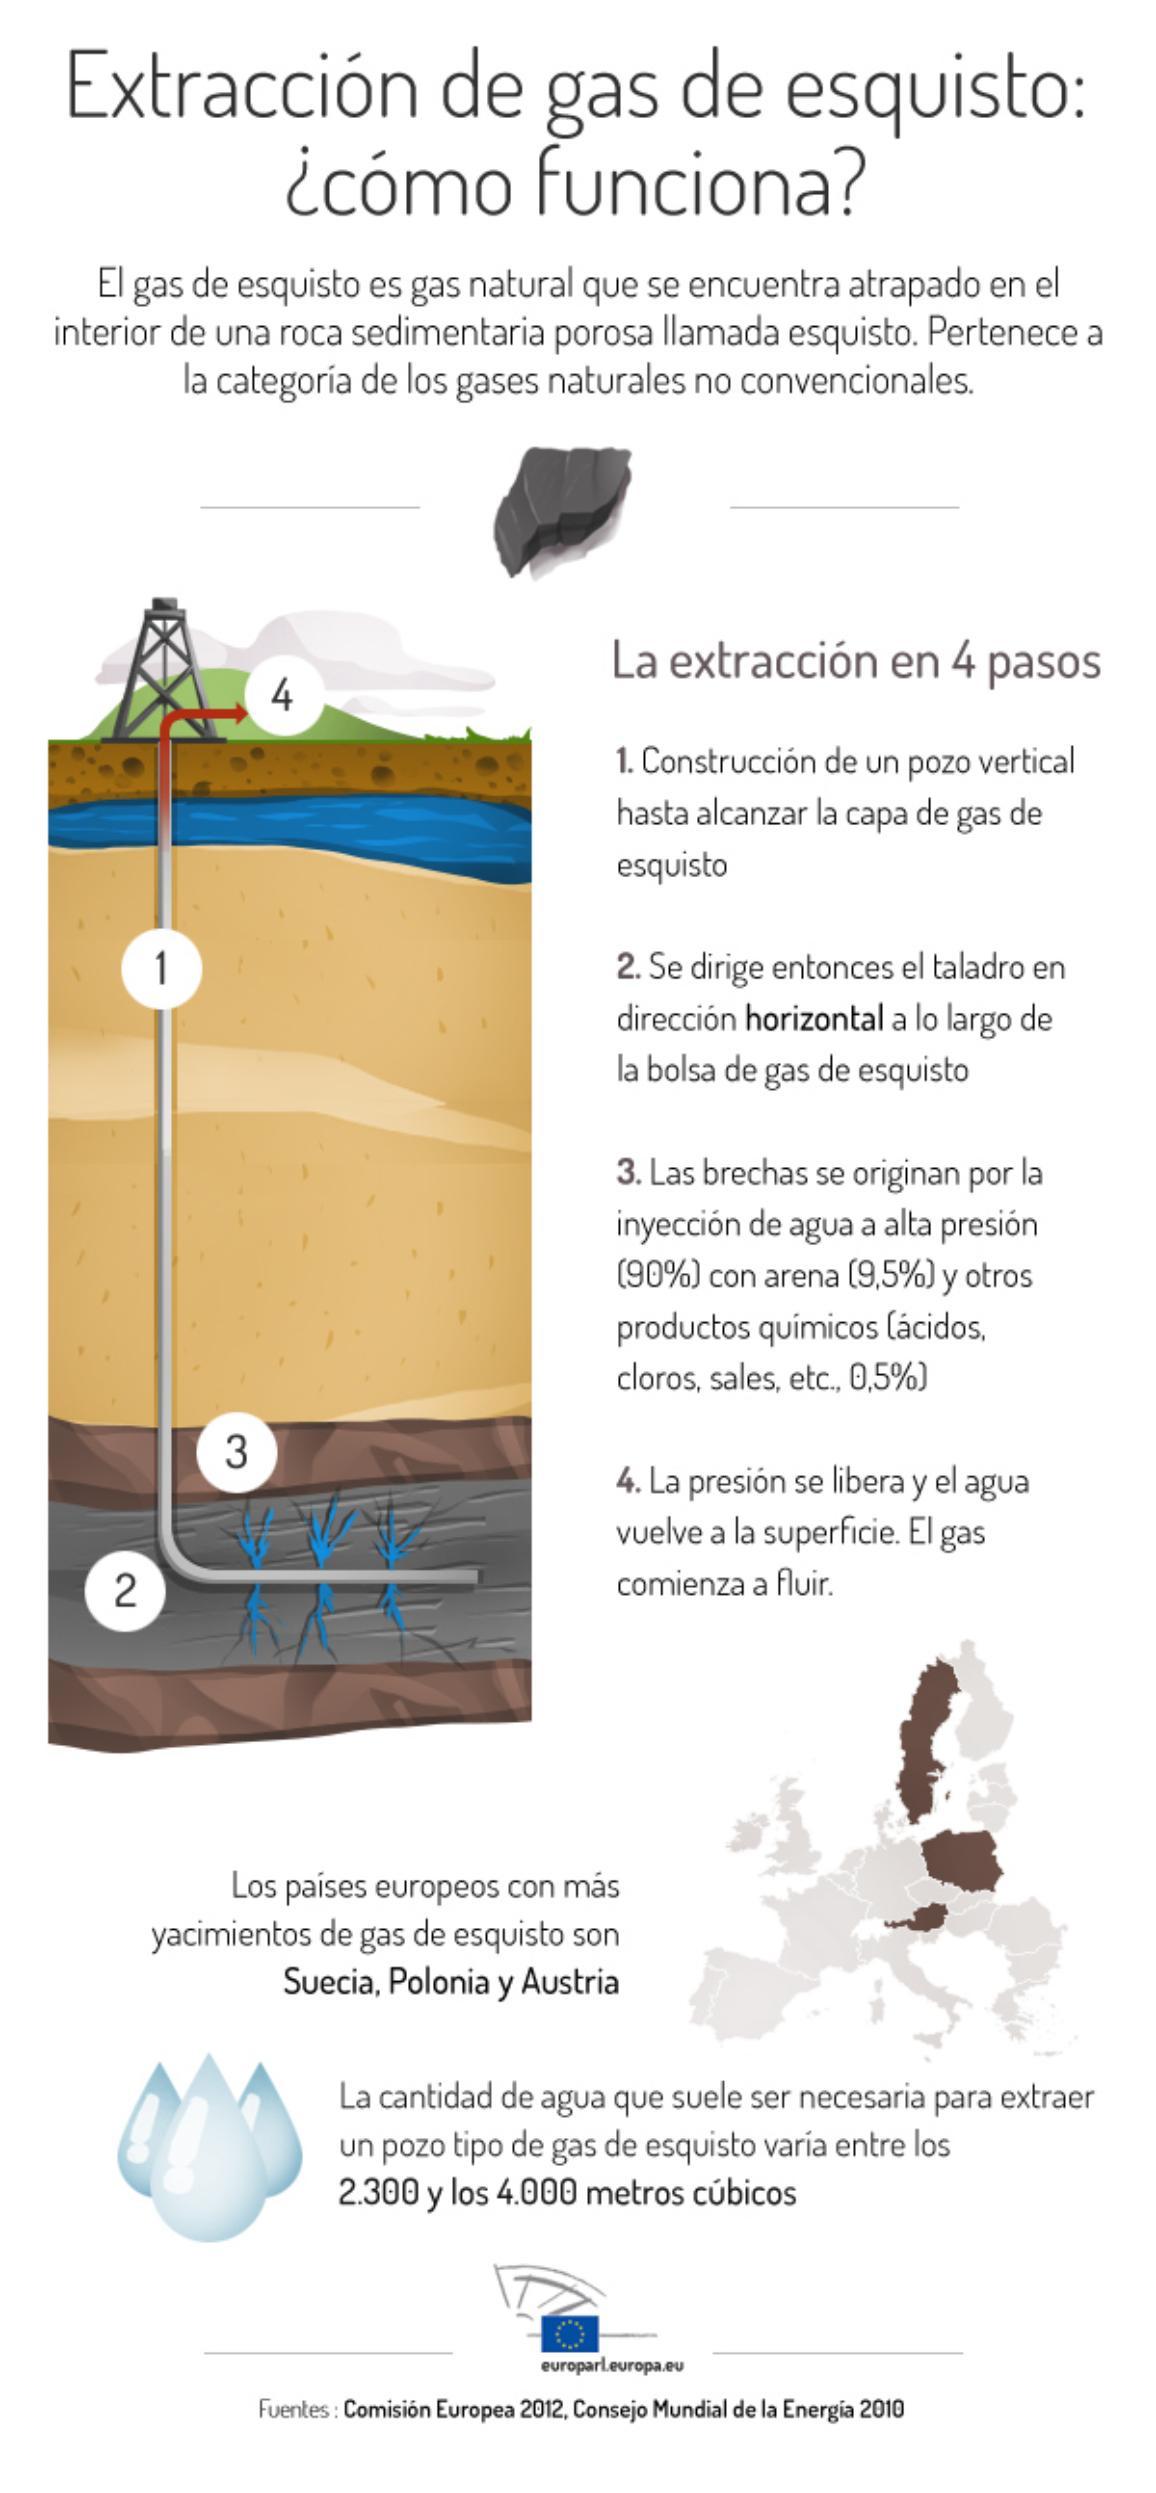 Consulte nuestra infografía sobre el proceso de extracción del gas de esquisto.